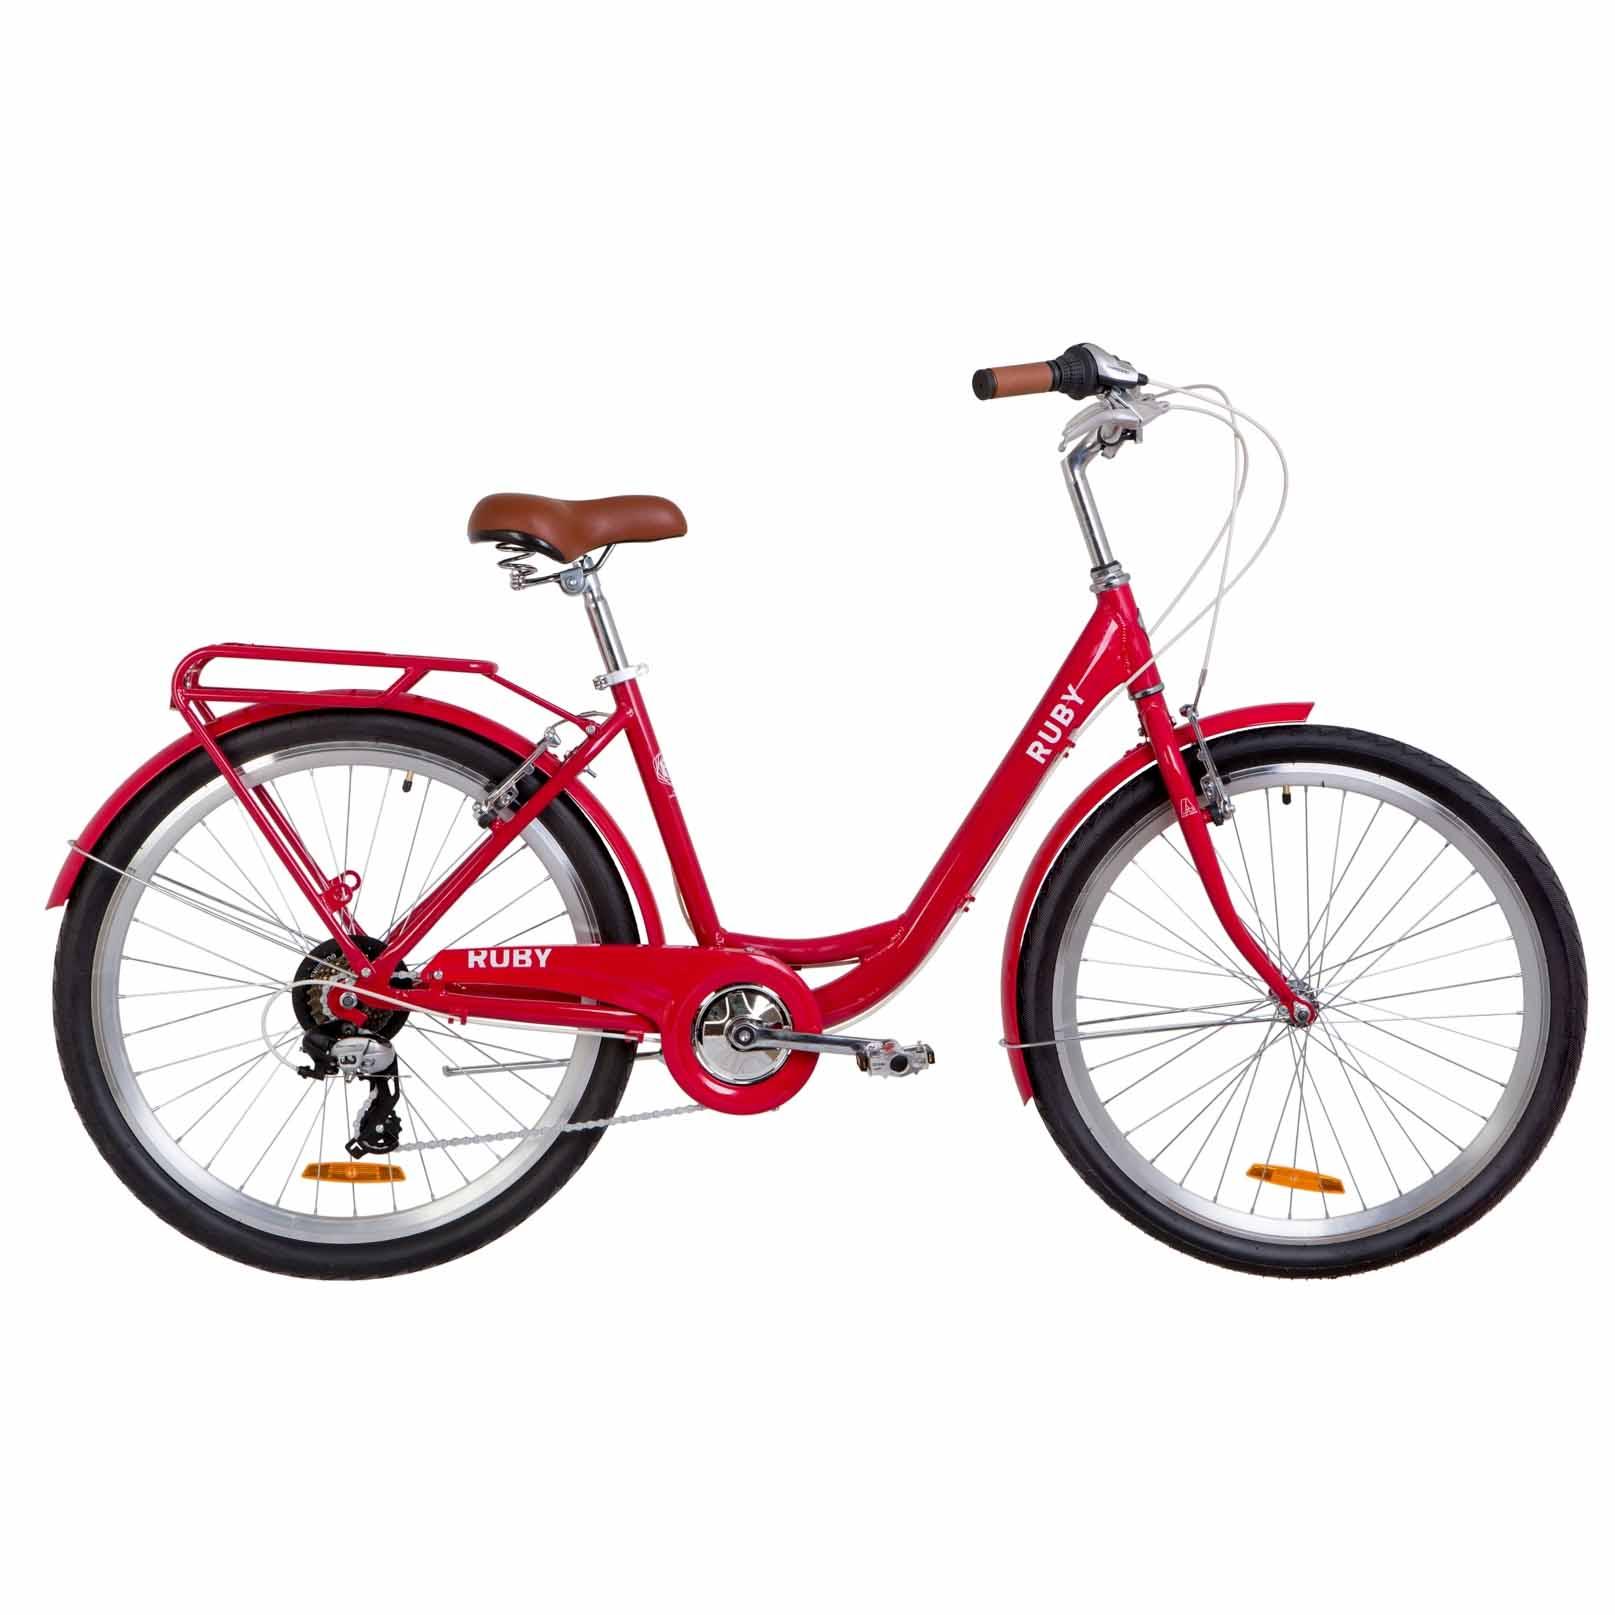 Фото Городской Женский Велосипед 26 Dorozhnik RUBY  красный   2019